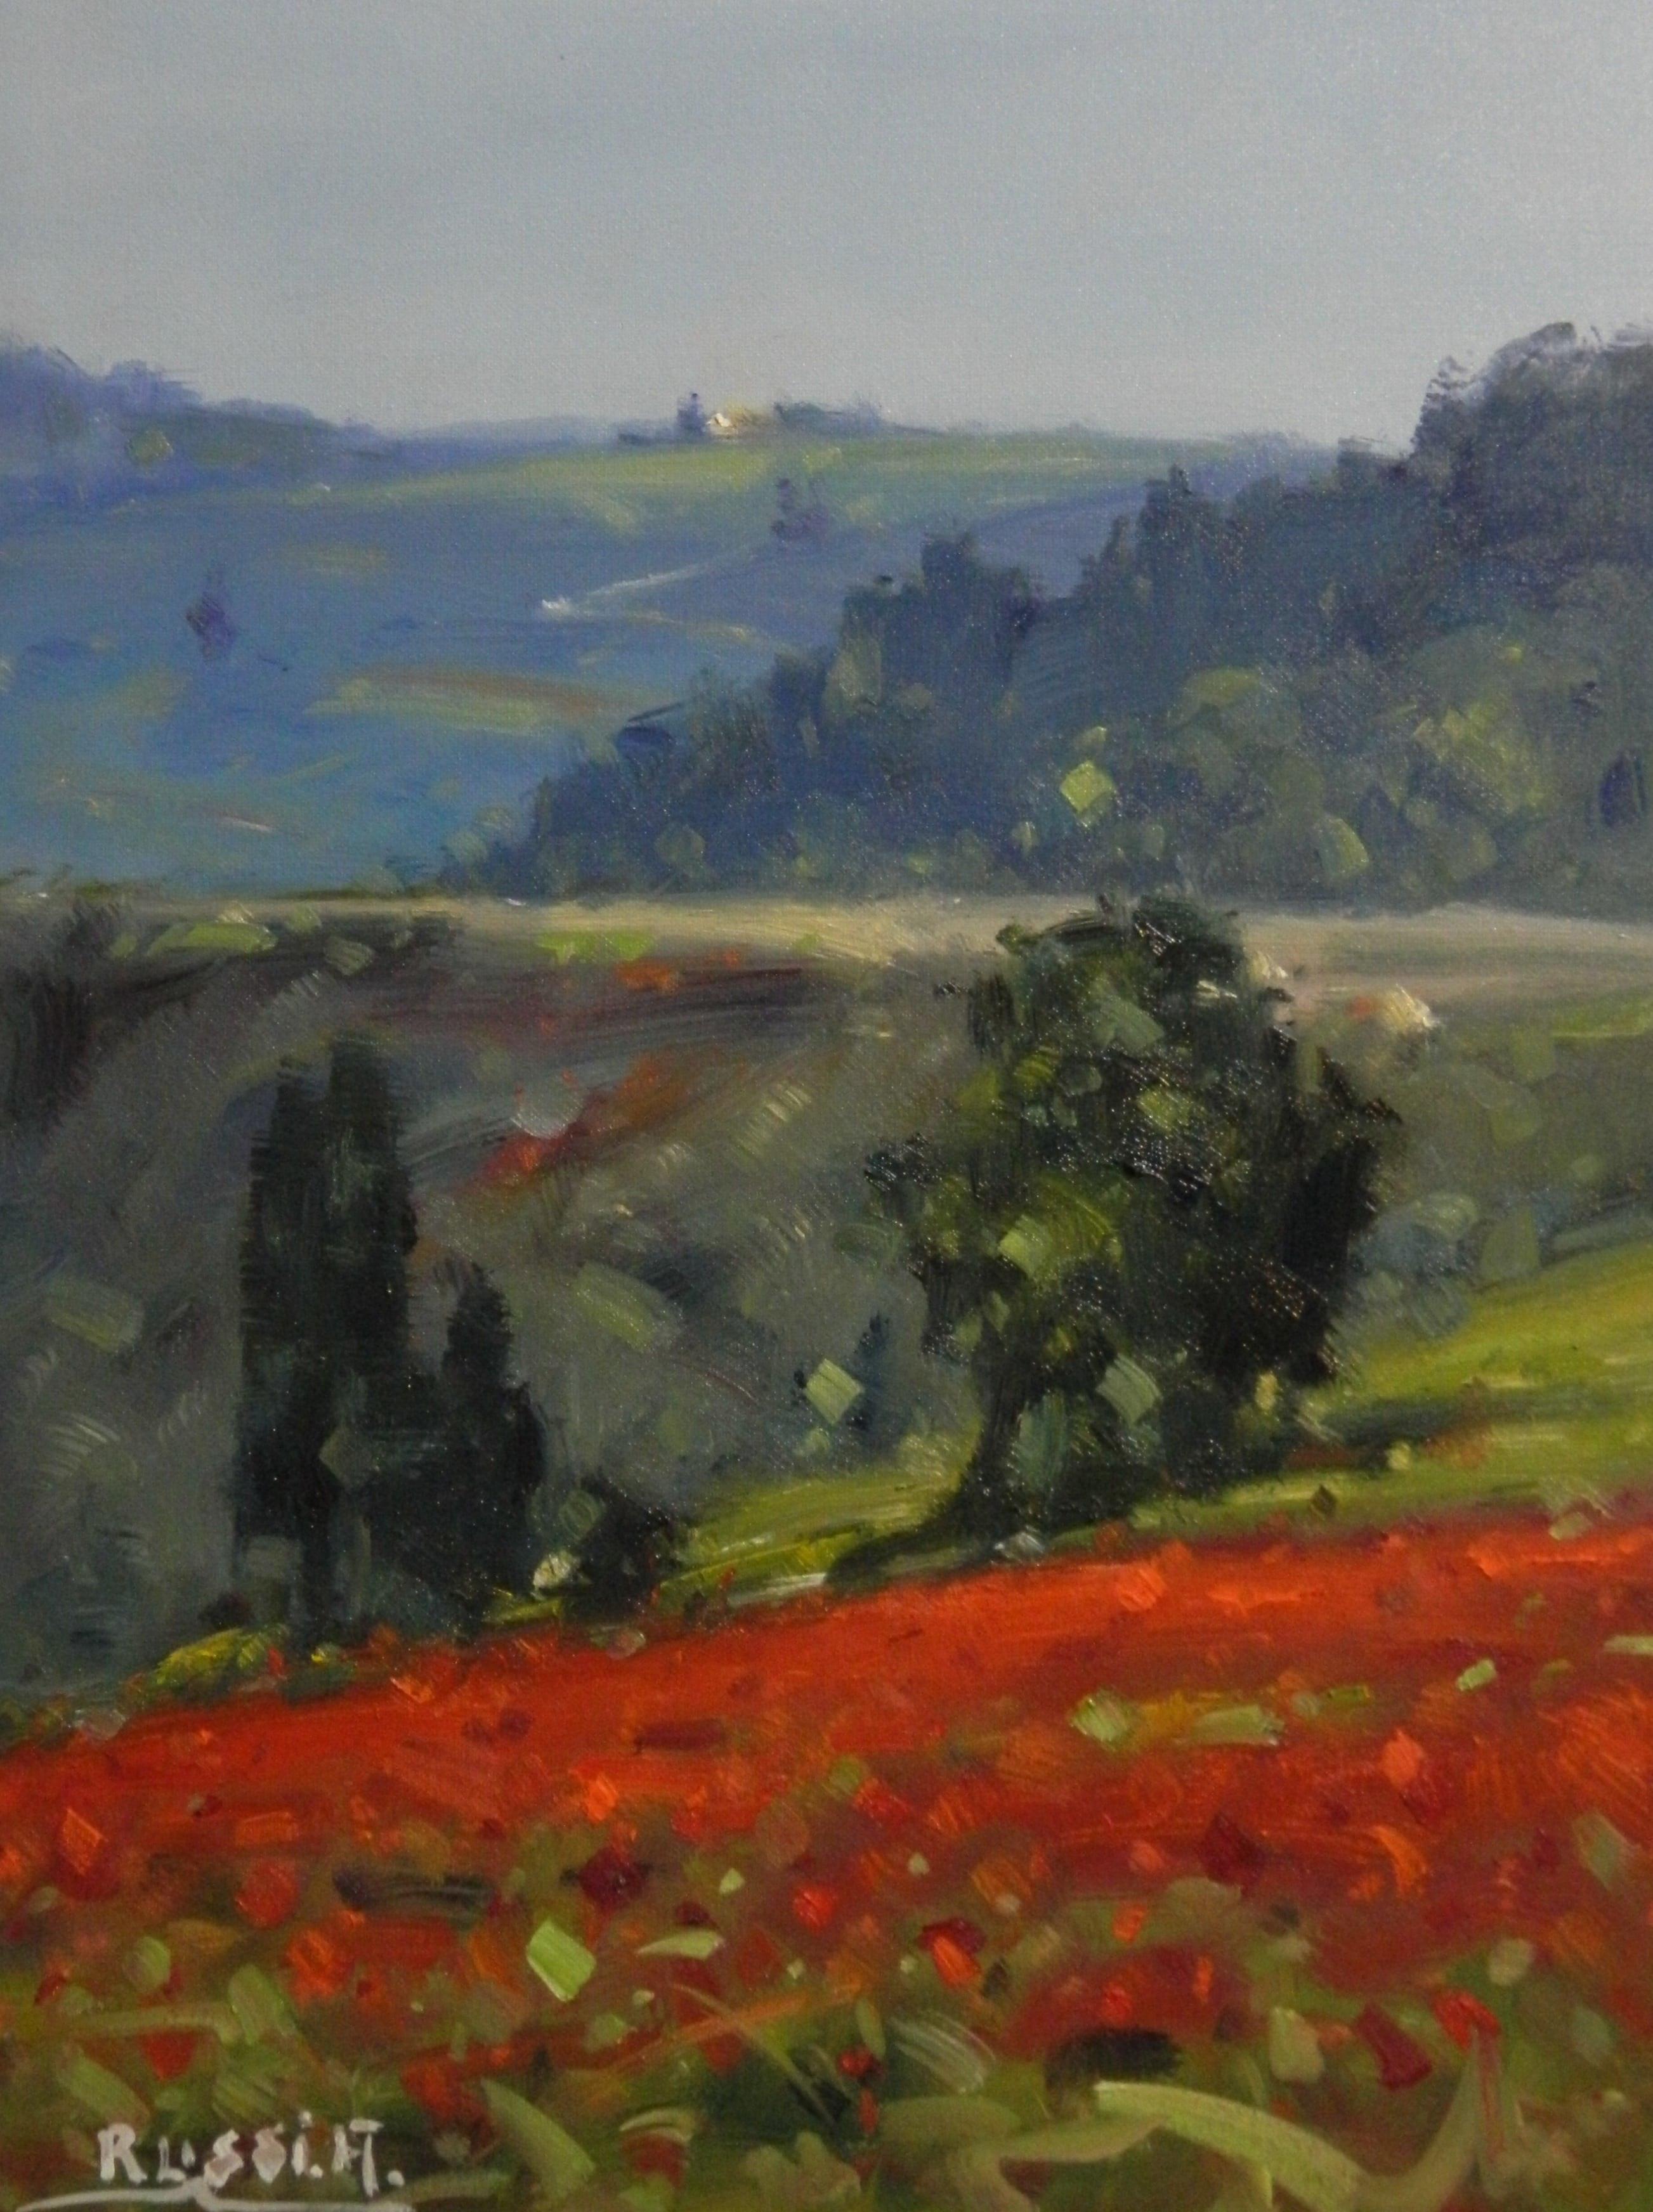 Antonio Poppies in Tuscany 30x40